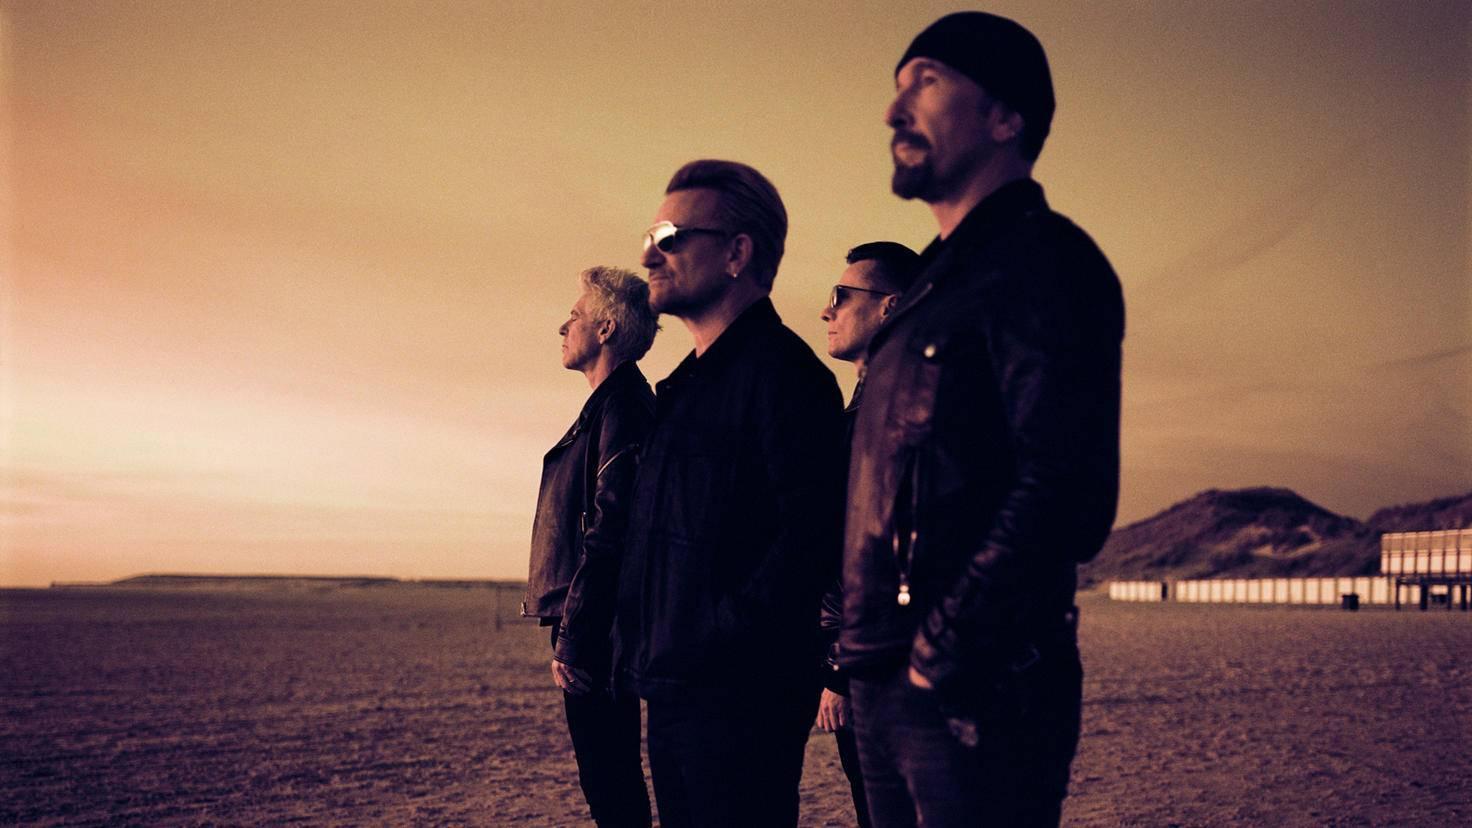 Nach drei Jahren haben U2 wieder ein neues Album veröffentlicht.